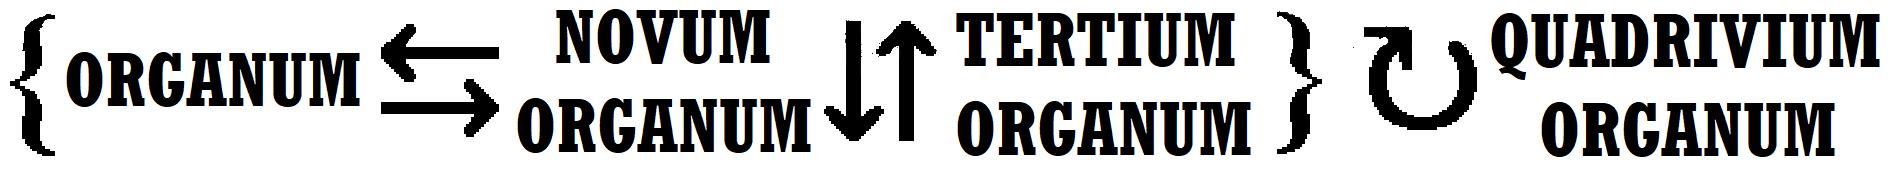 Organum Header